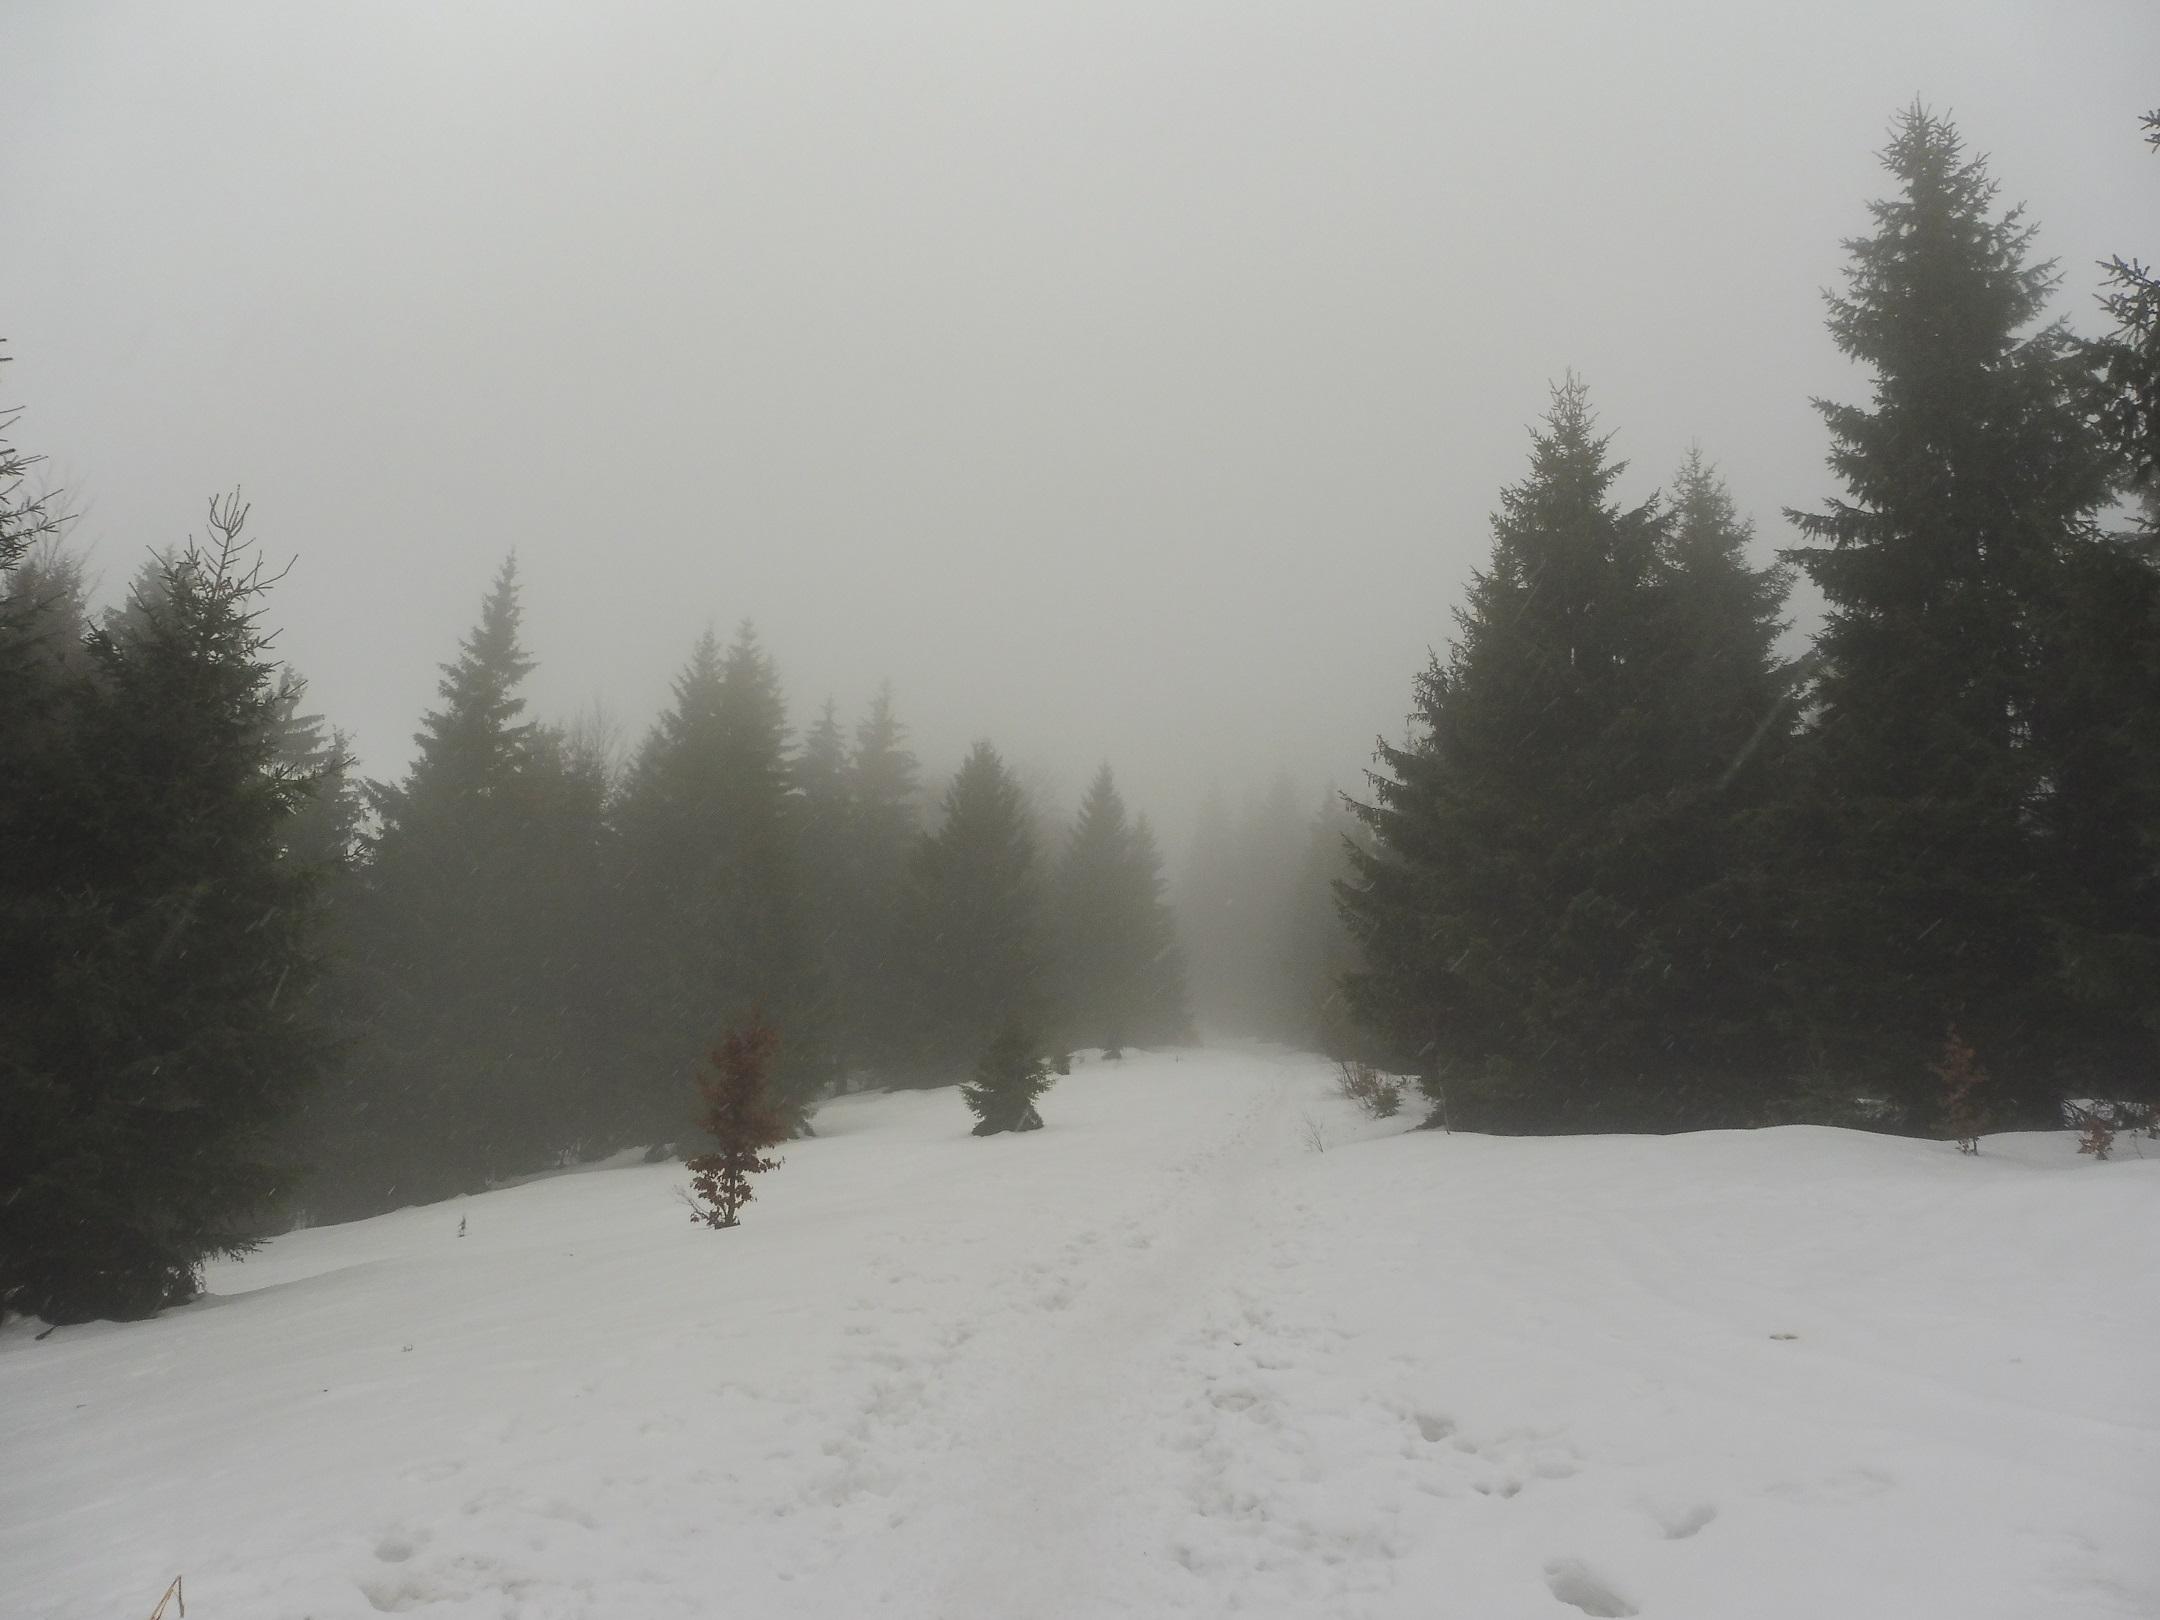 Vágkelecsény - Chata pod Klacianskou Magurou zöld turistaút